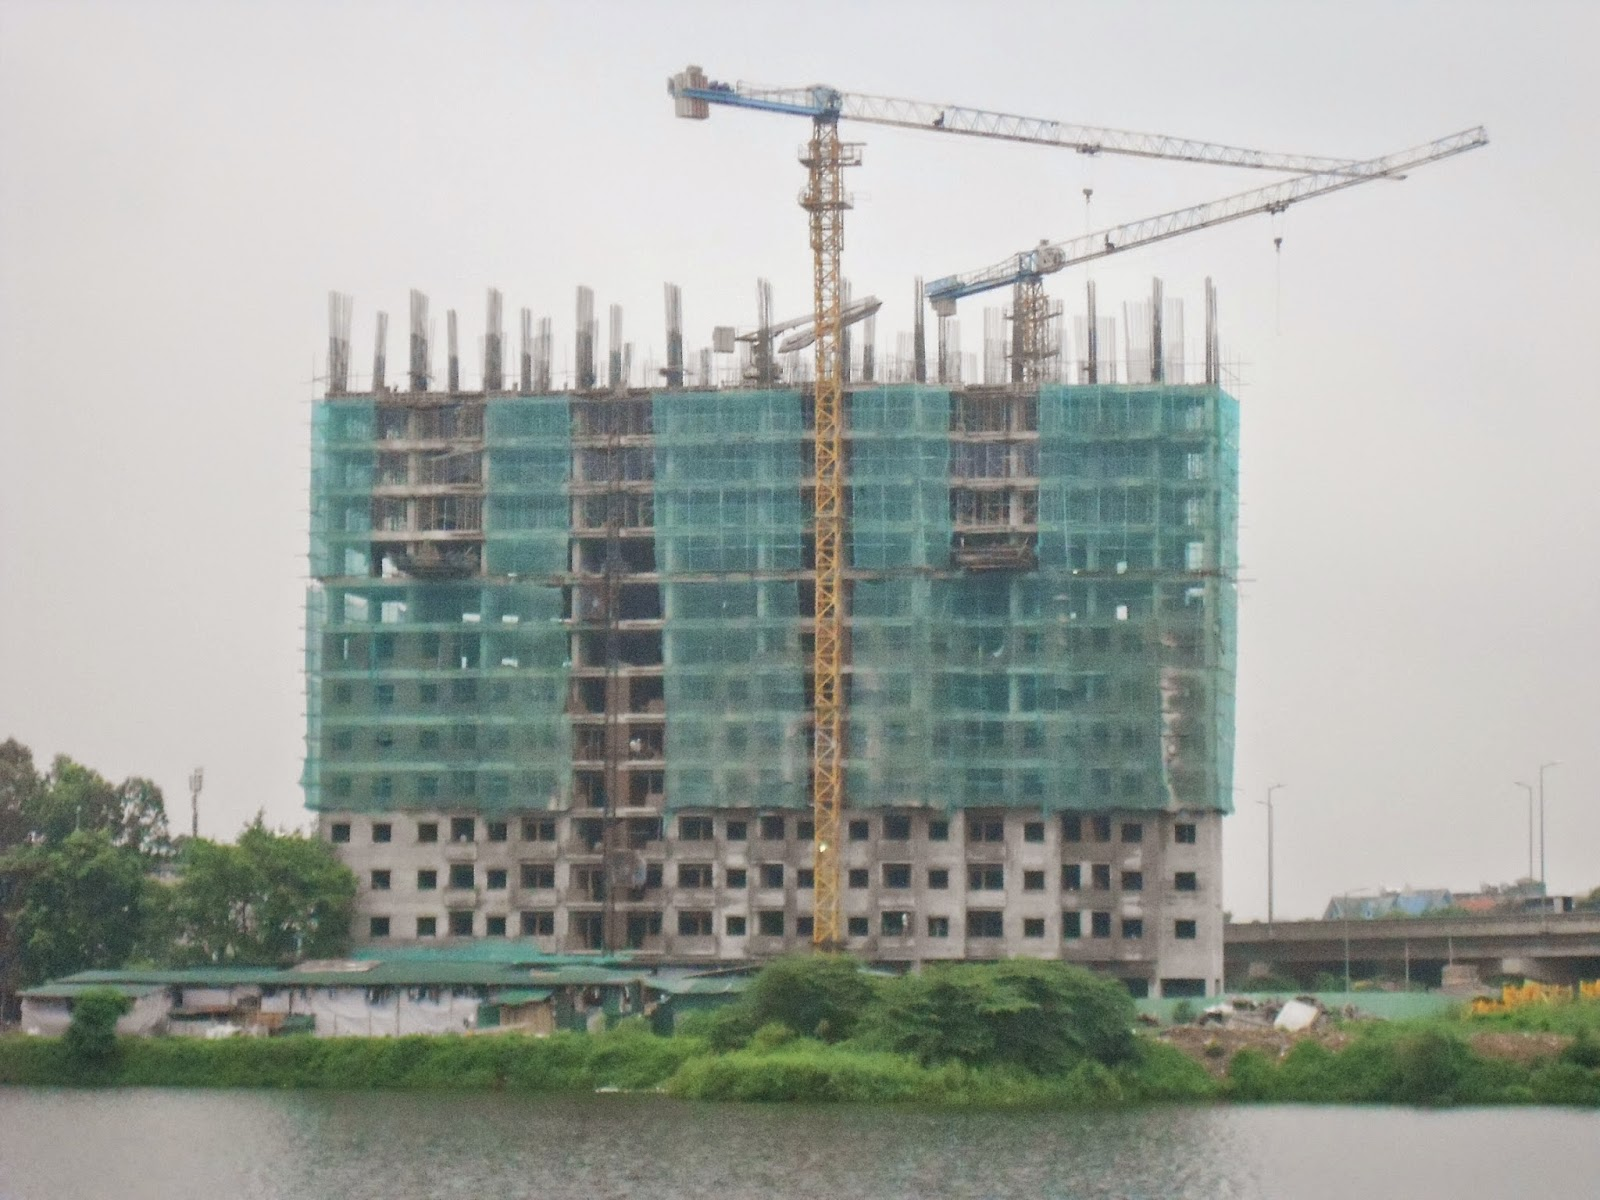 tiến độ dự án chung cư vp6 linh đàm 1